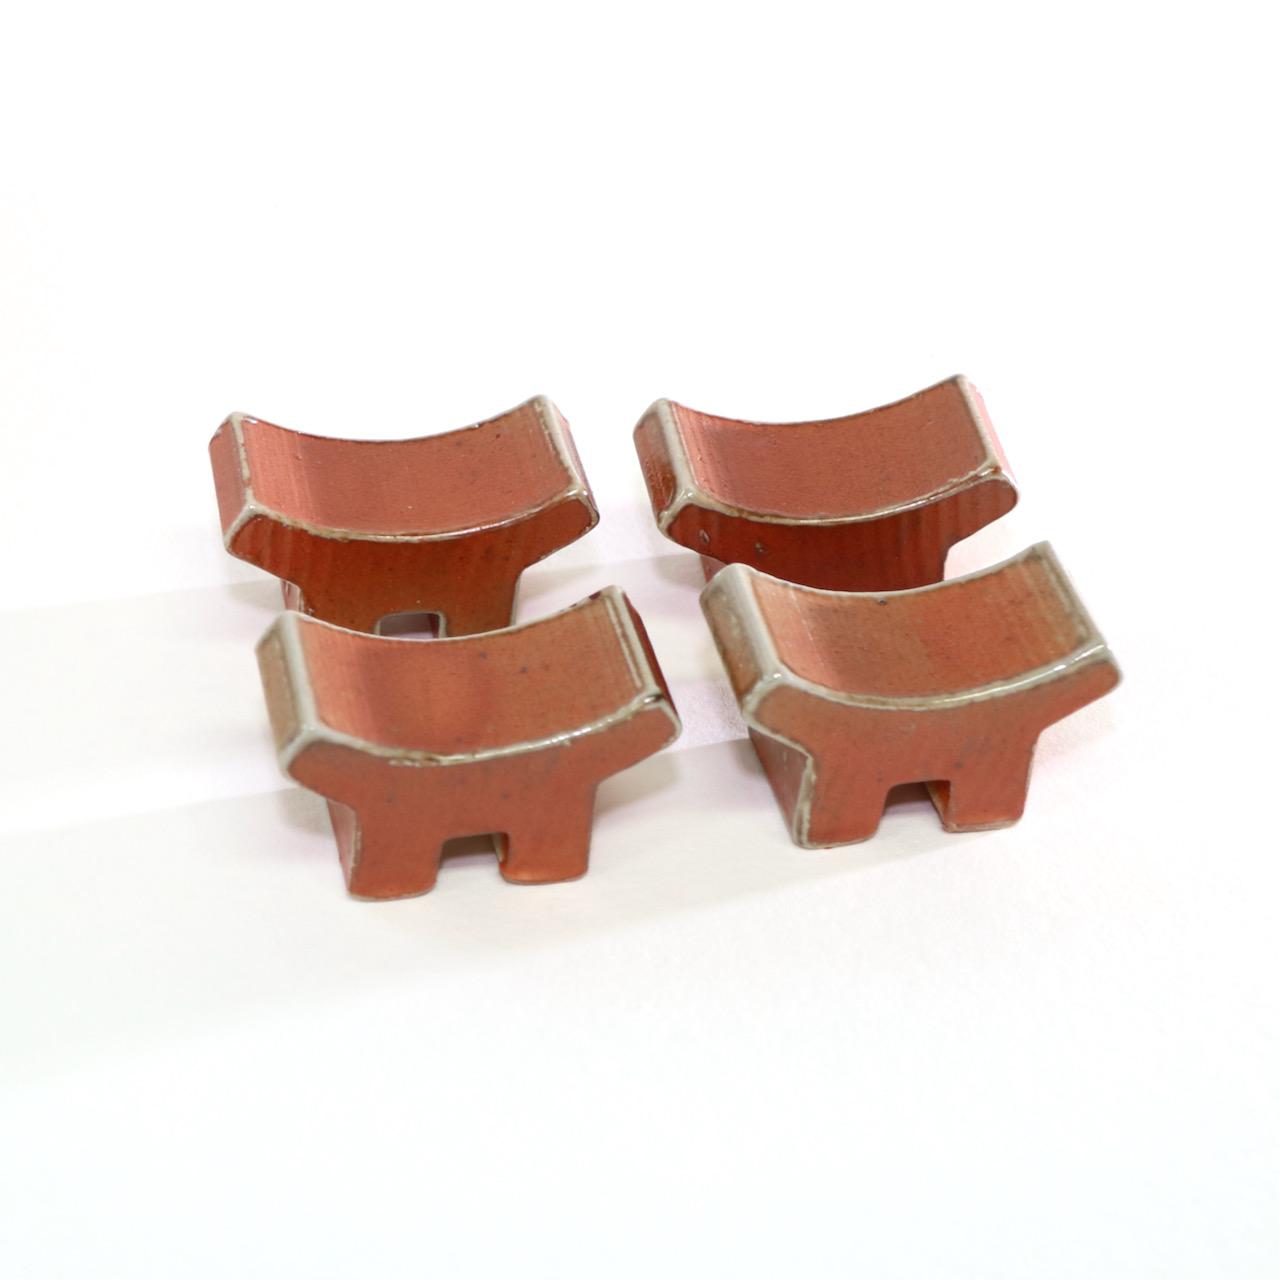 Pinnställ rostbrun/orange